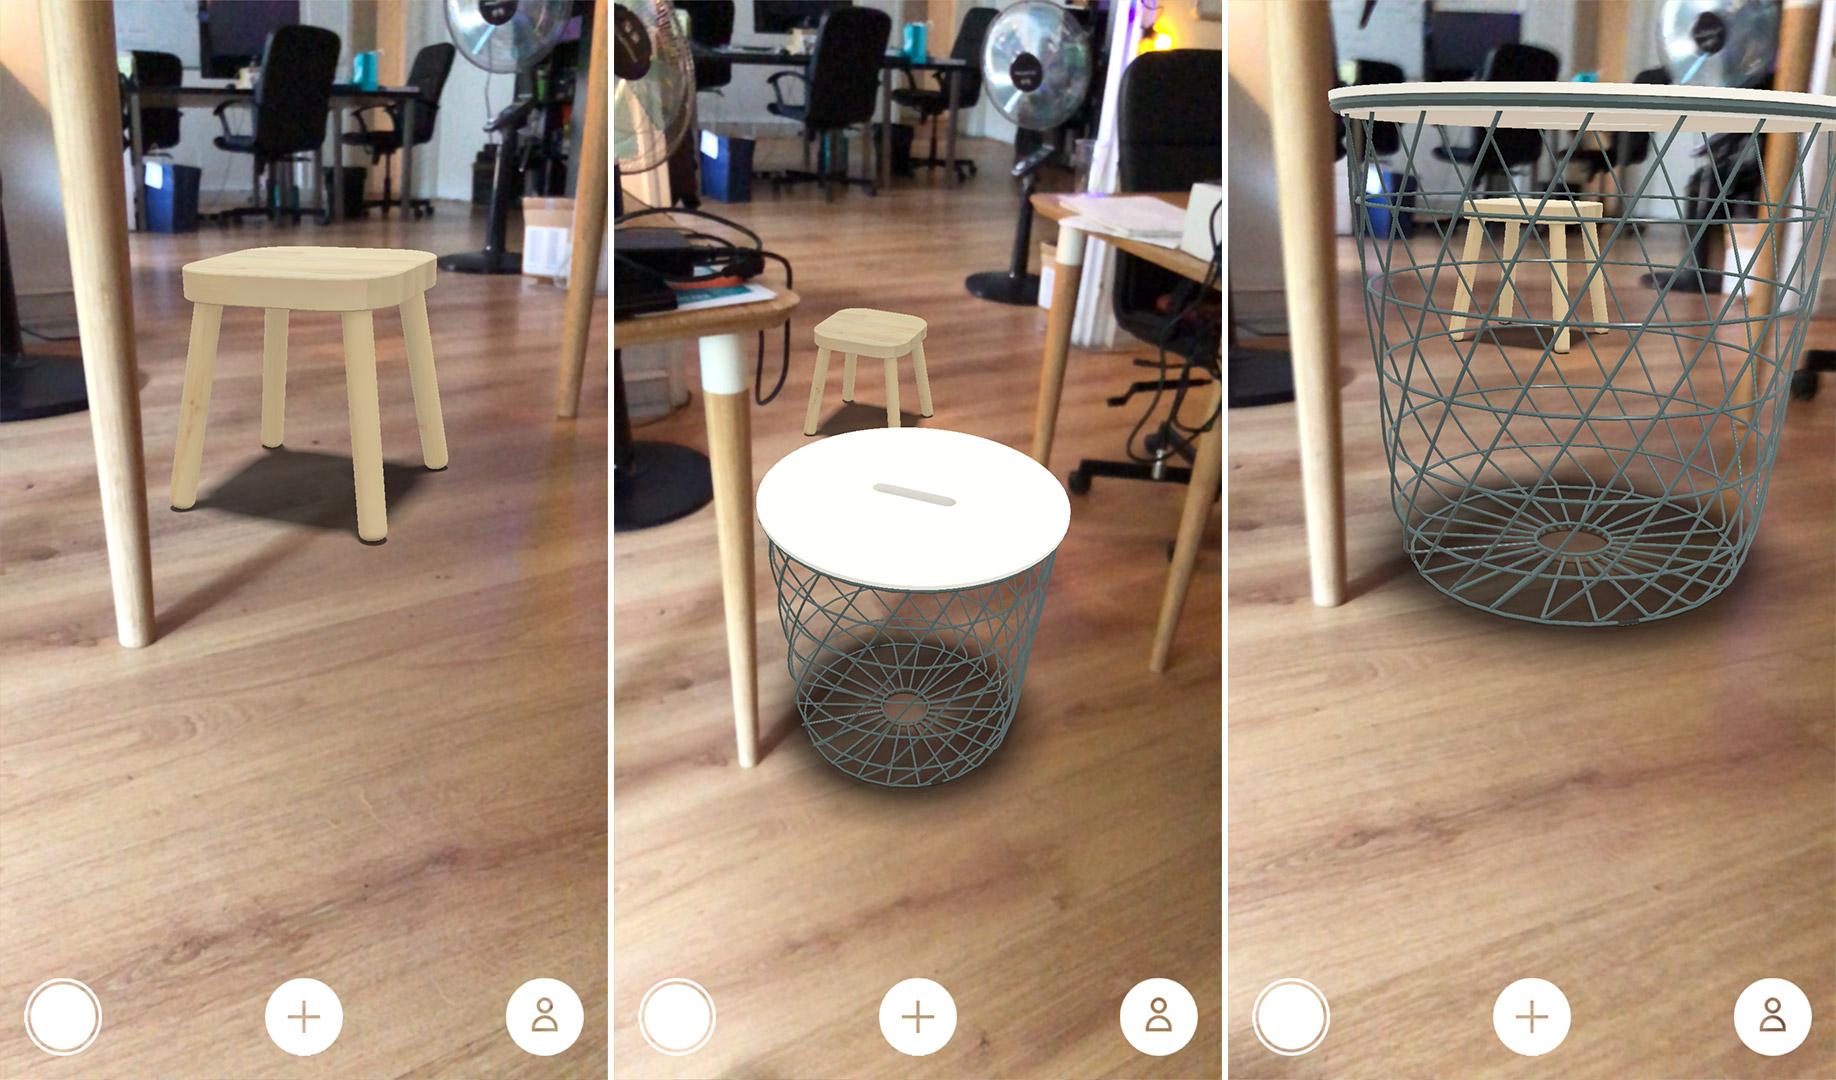 ikea place est disponible en france et c 39 est la meilleure application de r alit augment e du. Black Bedroom Furniture Sets. Home Design Ideas